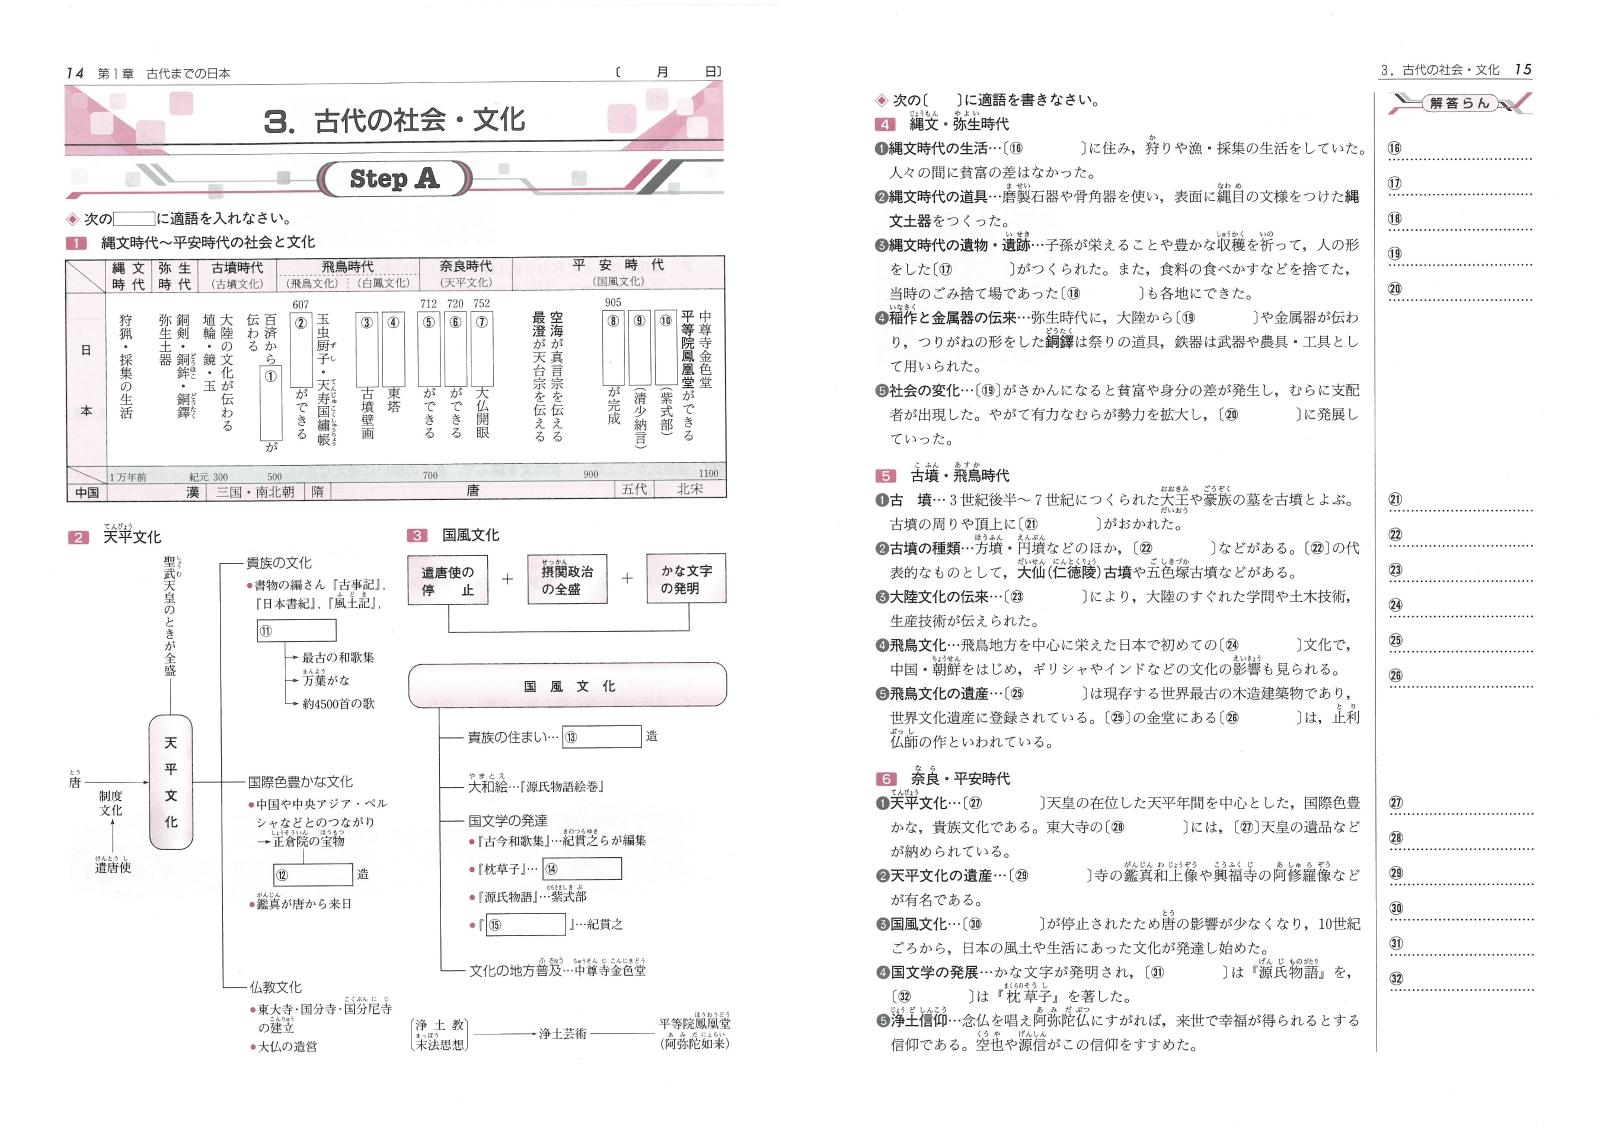 テスト ハイ クラス 小6/ハイクラステスト 文章題・図形